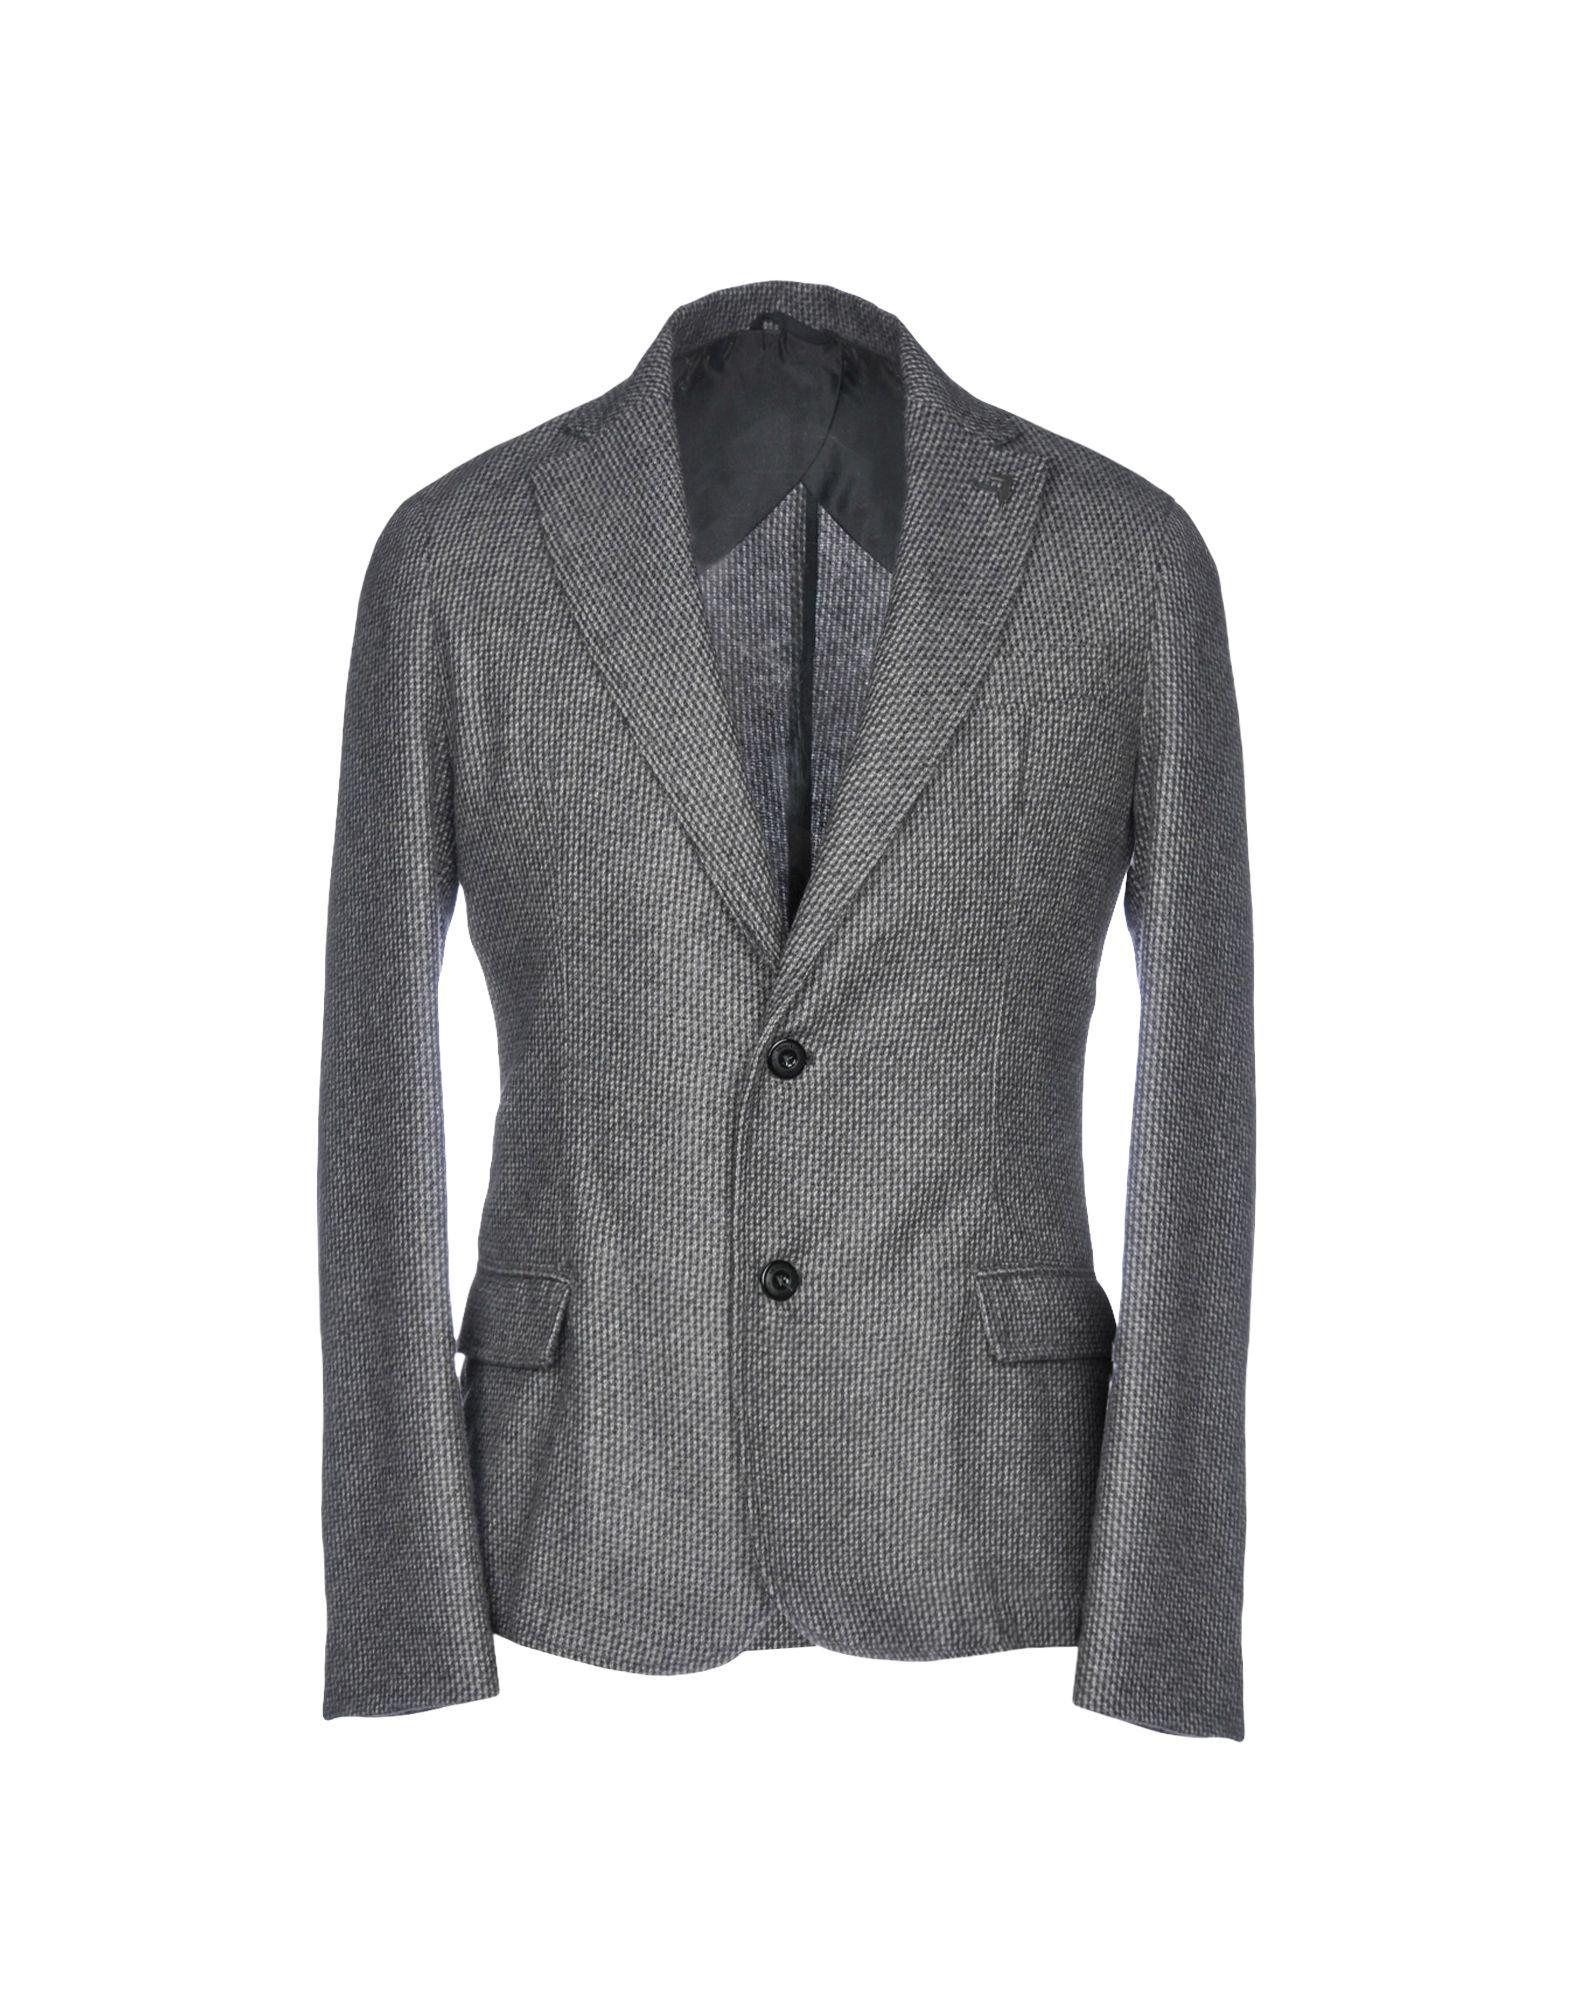 Trussardi Jeans Grey Wool Single Breasted Jacket